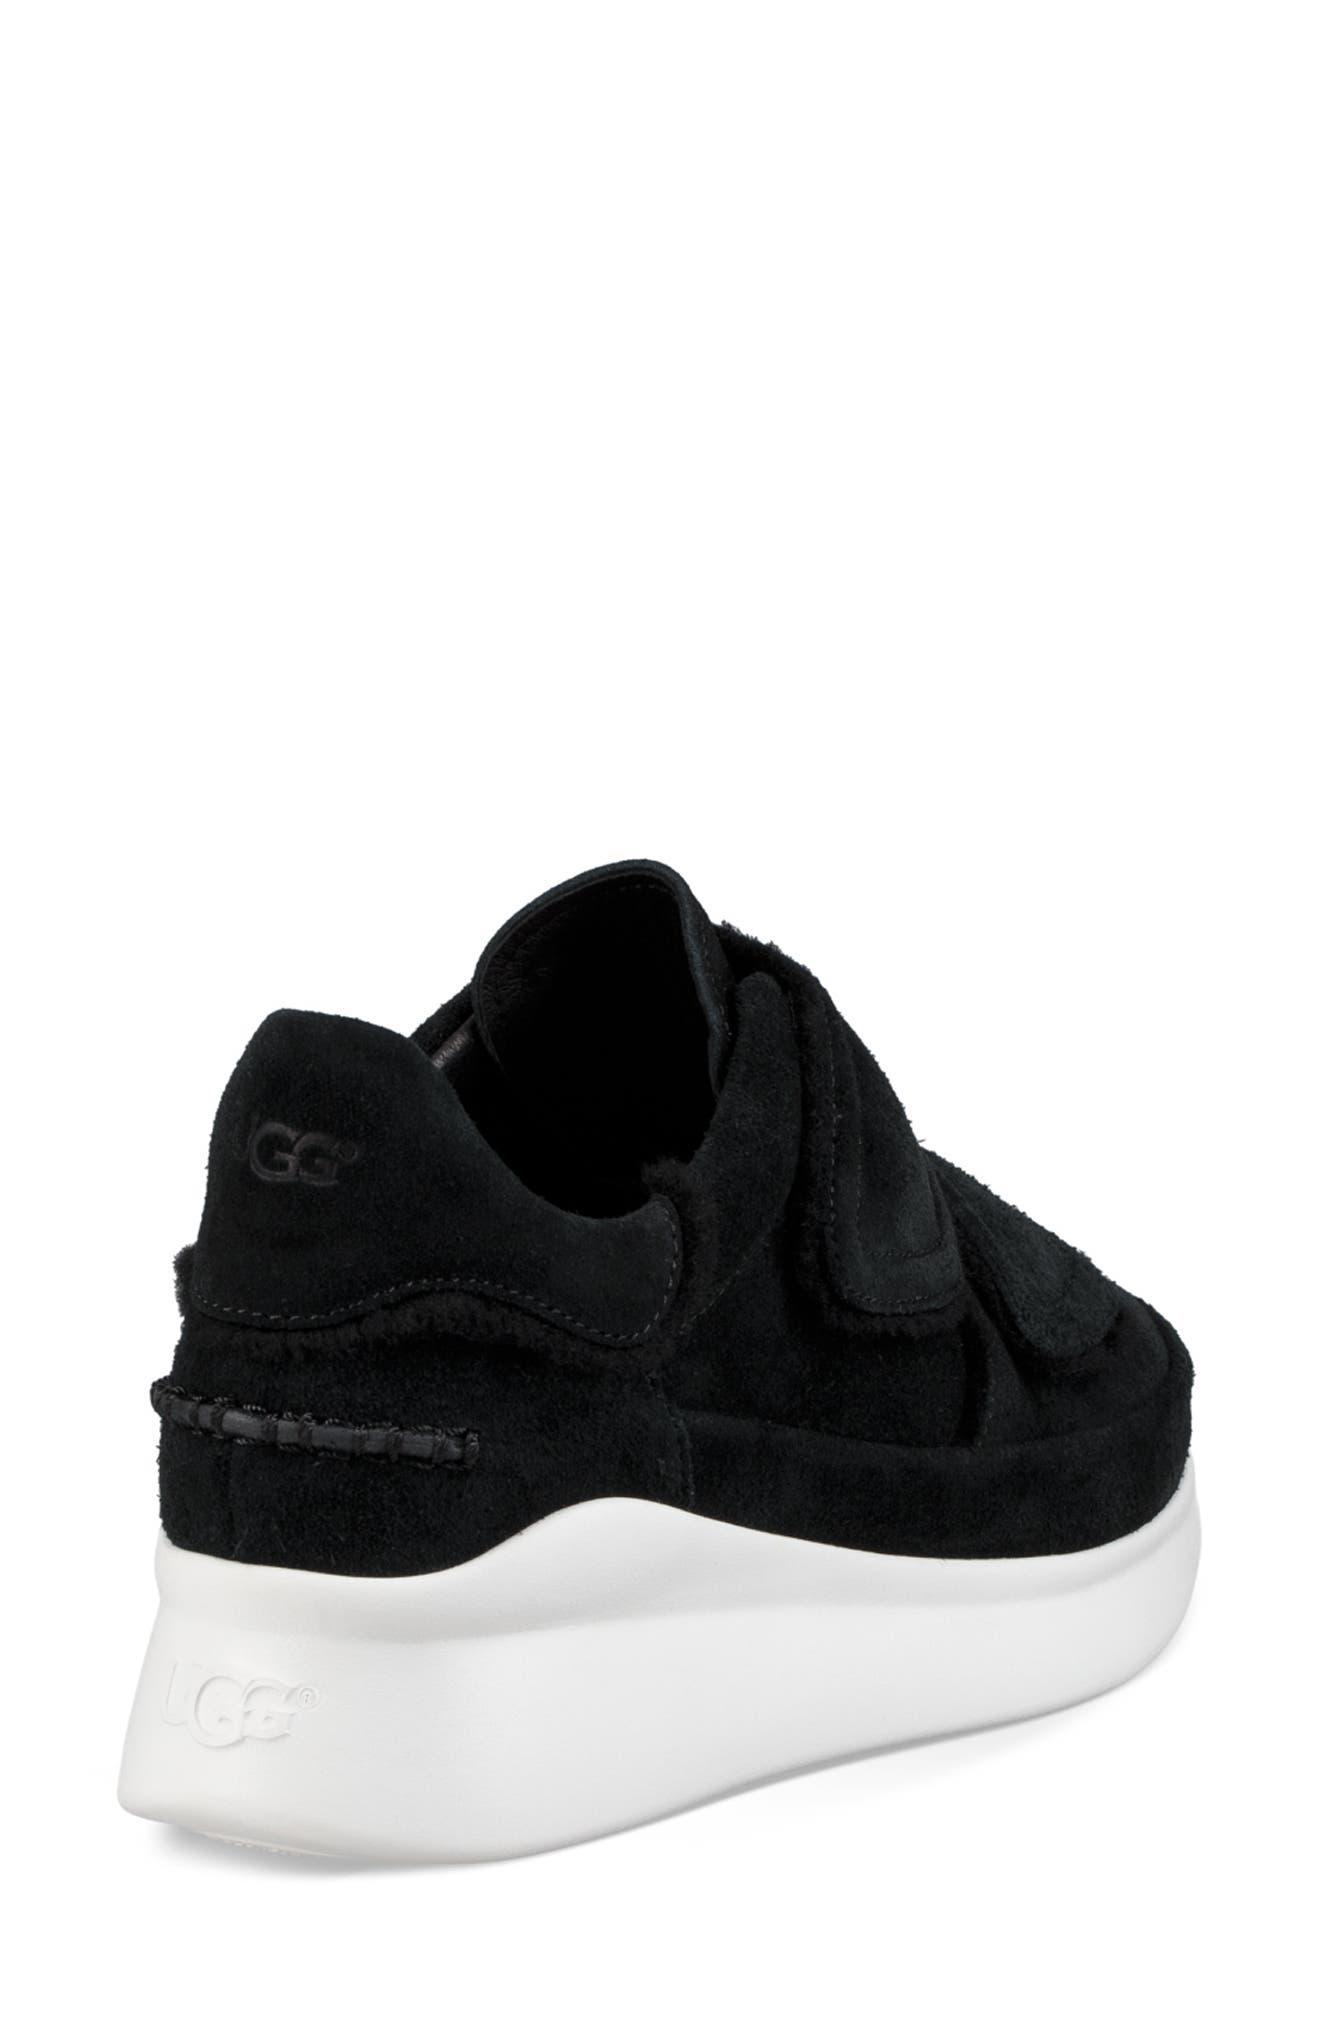 Ashby Spill Seam Sneaker,                             Alternate thumbnail 2, color,                             BLACK LEATHER